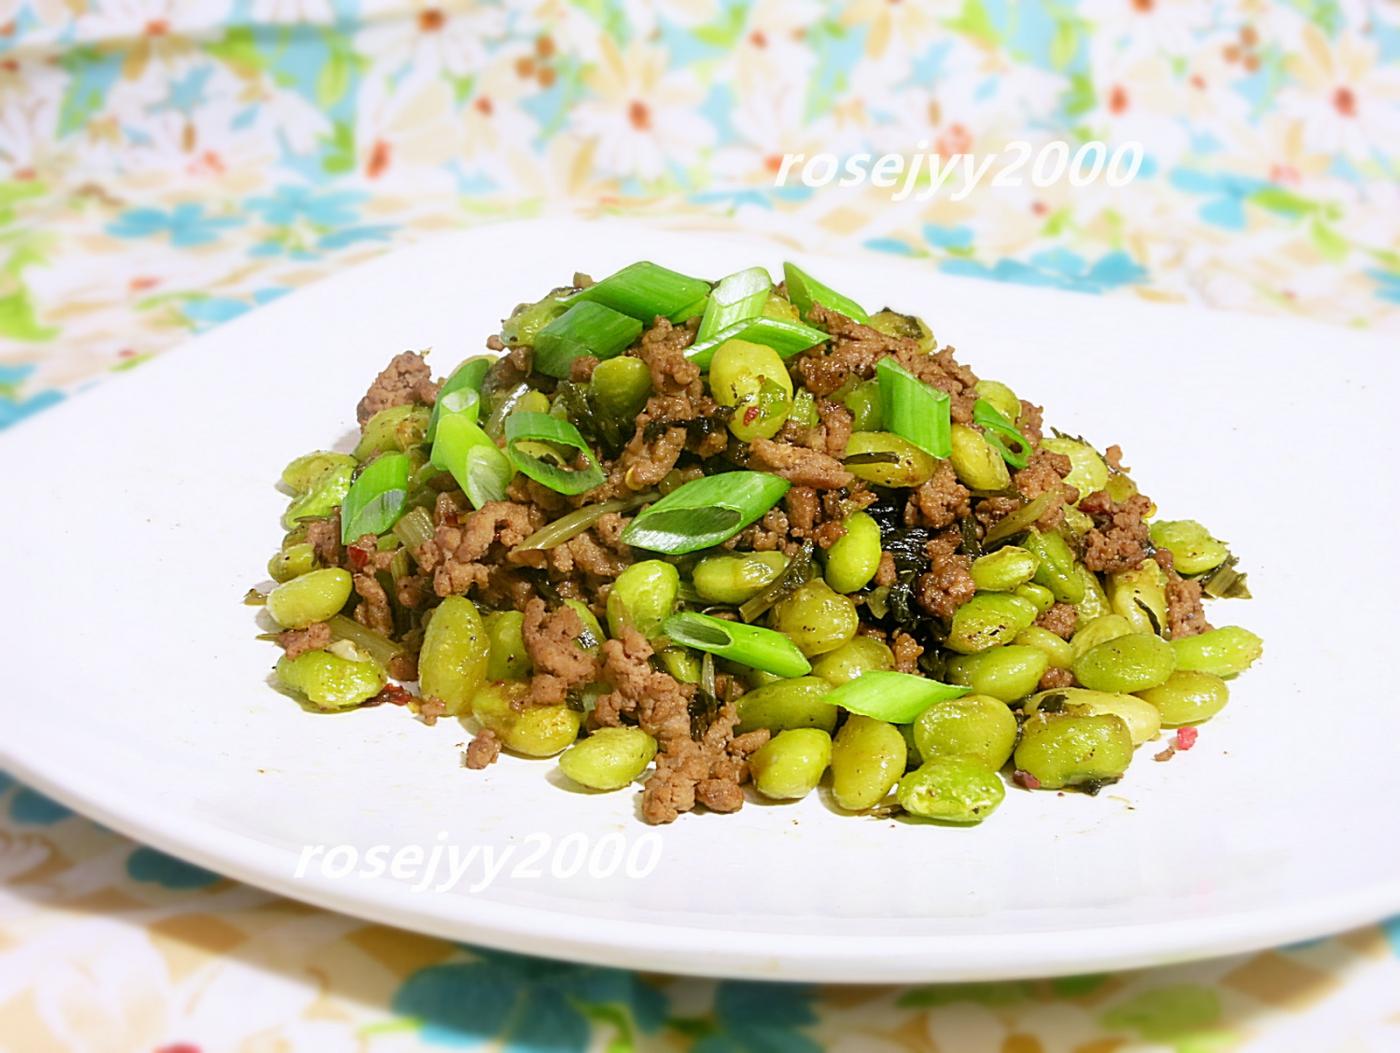 雪菜利马豆炒牛肉末_图1-1